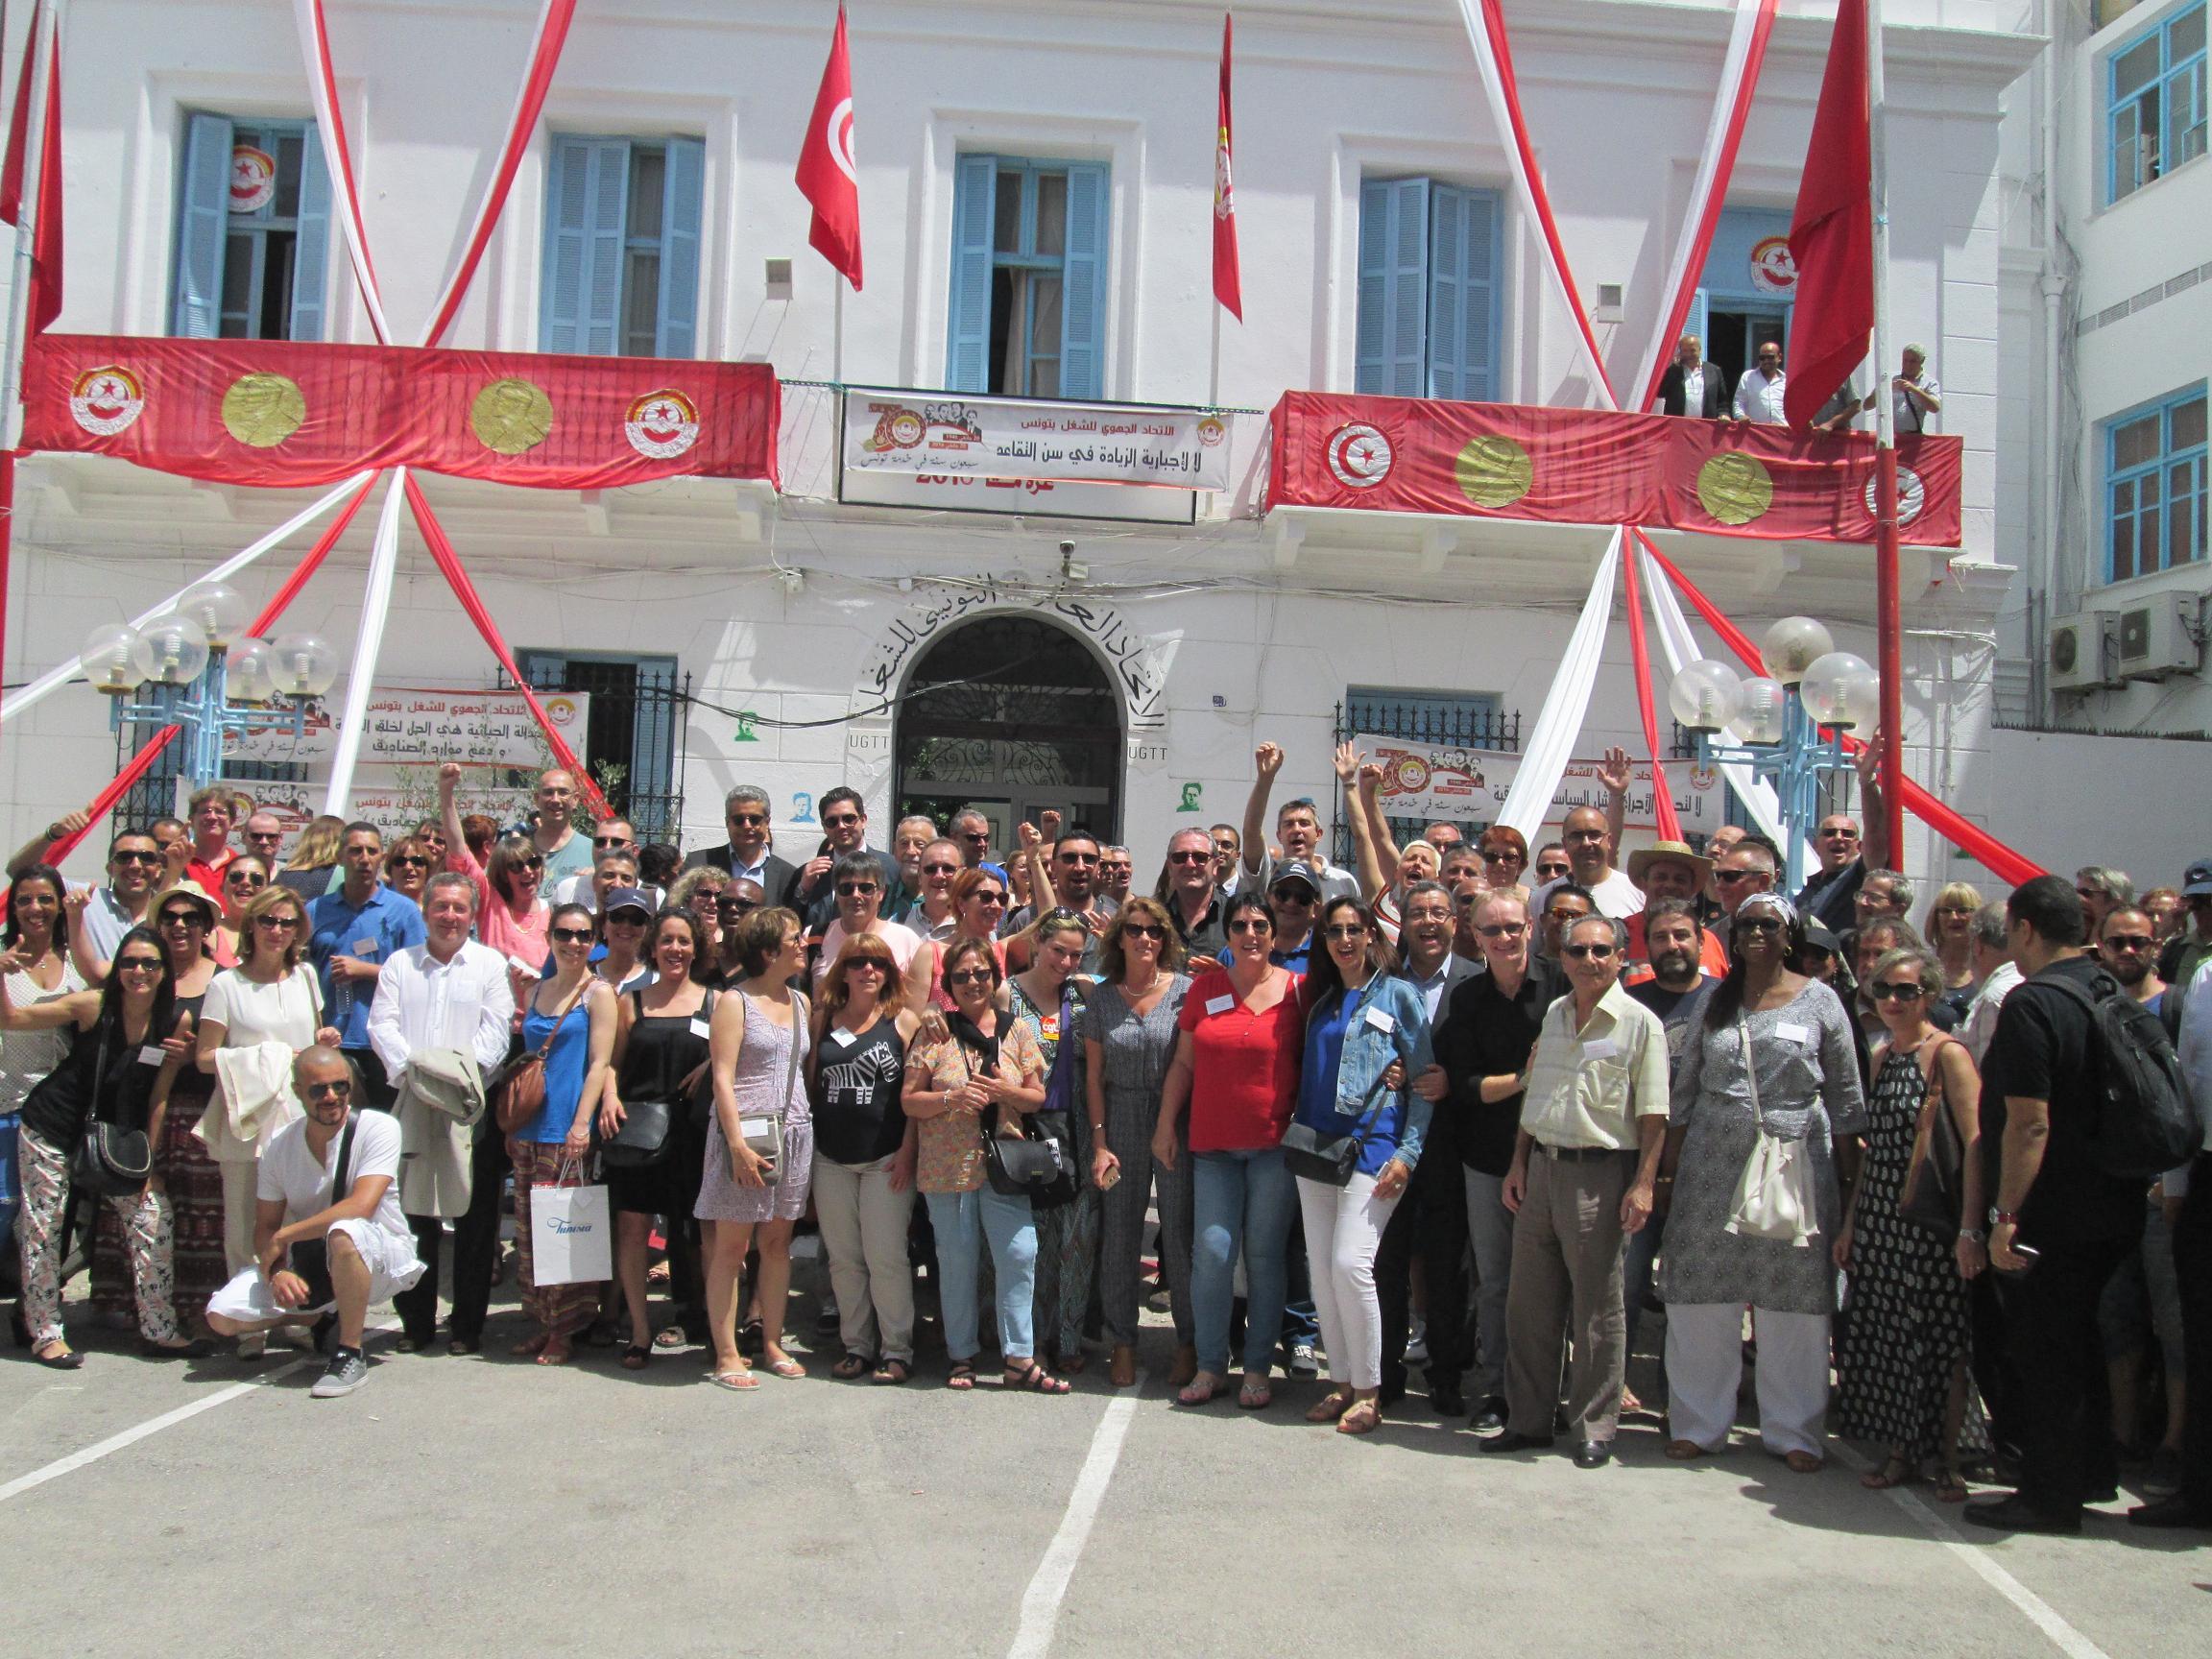 La délégation des organisations syndicales françaises devant le siège de l'UGTT. Membre du « quartet » tunisien qui a reçu le 10 décembre 2015 le Prix Nobel de la Paix (avec la Fédération Syndicale patronale de Tunisie (UTICA), l'Ordre national des avocats et la Ligue tunisienne de défense des droits de l'homme). Les 4 organisations ont été primées pour avoir en 2013 animé le dialogue national et permis à la Tunisie de réaliser sa transition démocratique. Photo MS.